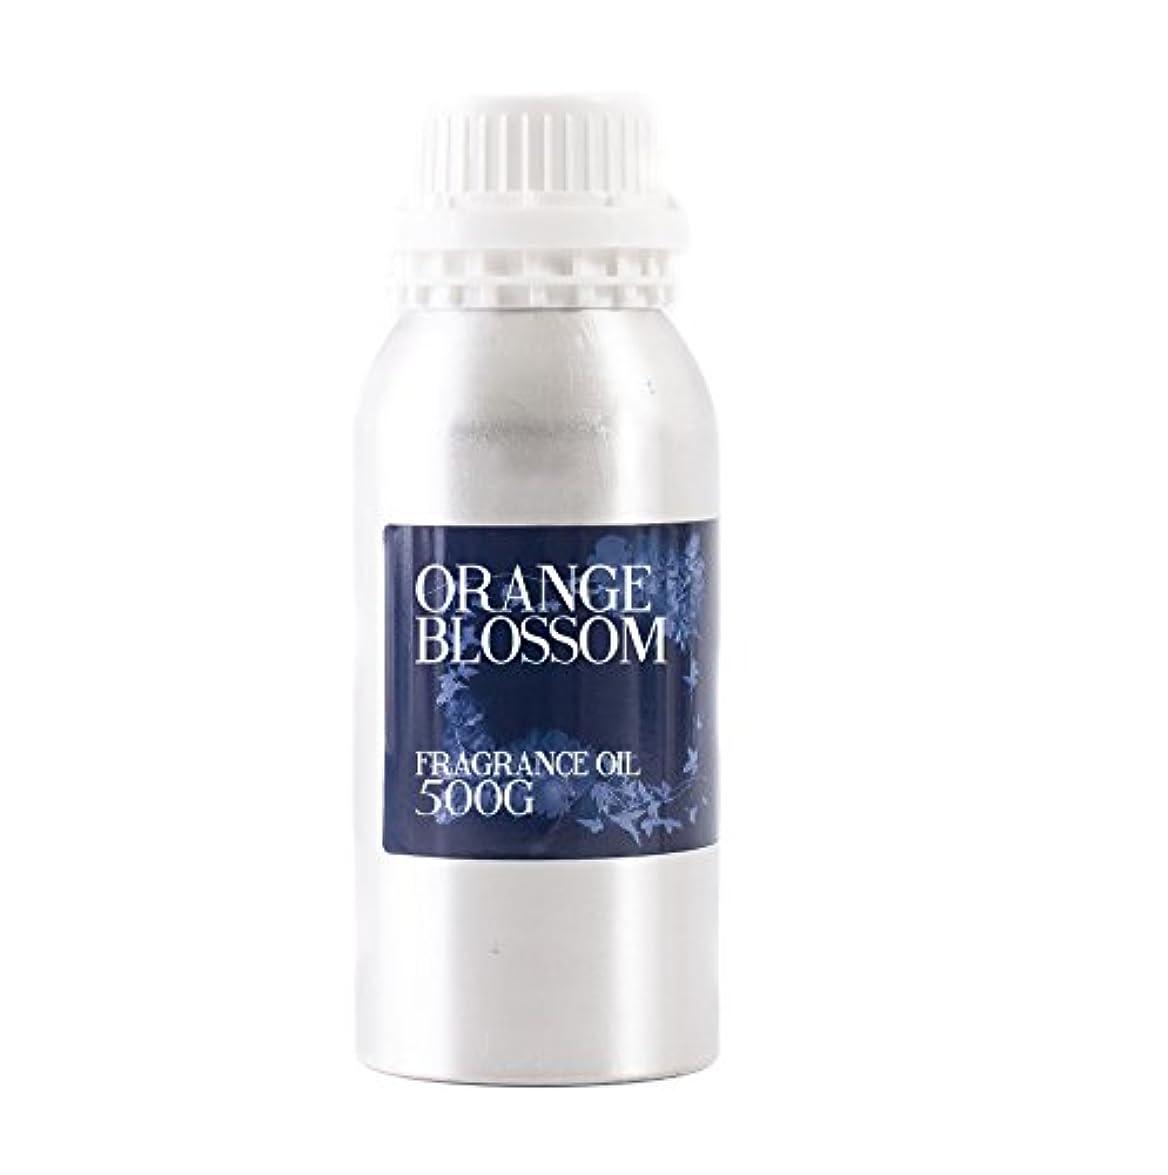 浜辺赤外線トロリーMystic Moments   Orange Blossom Fragrance Oil - 500g